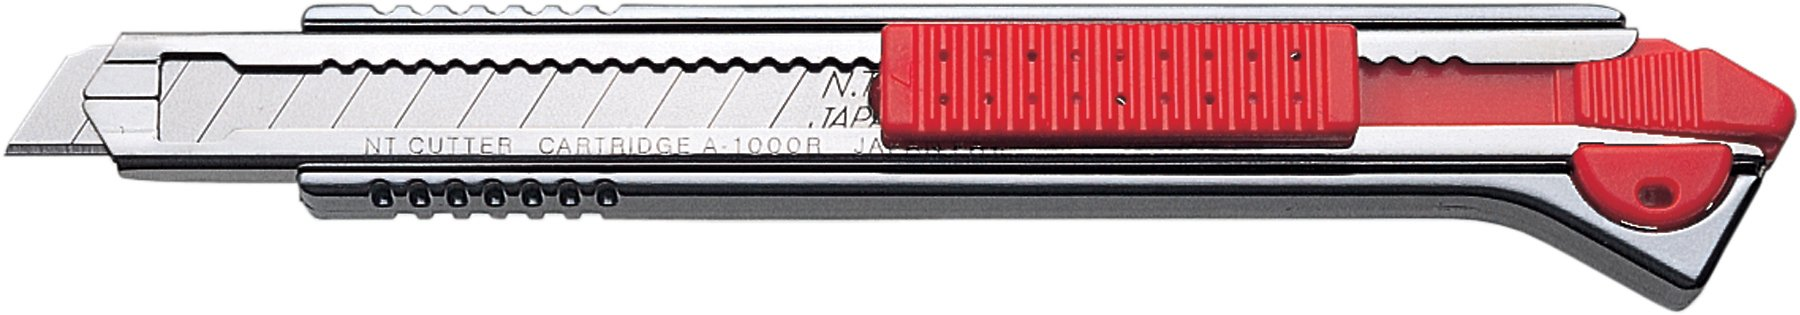 NT Cutter Aluminum Die-Cast Grip Multi-Blade Cartridge Knife (A-1000RP)